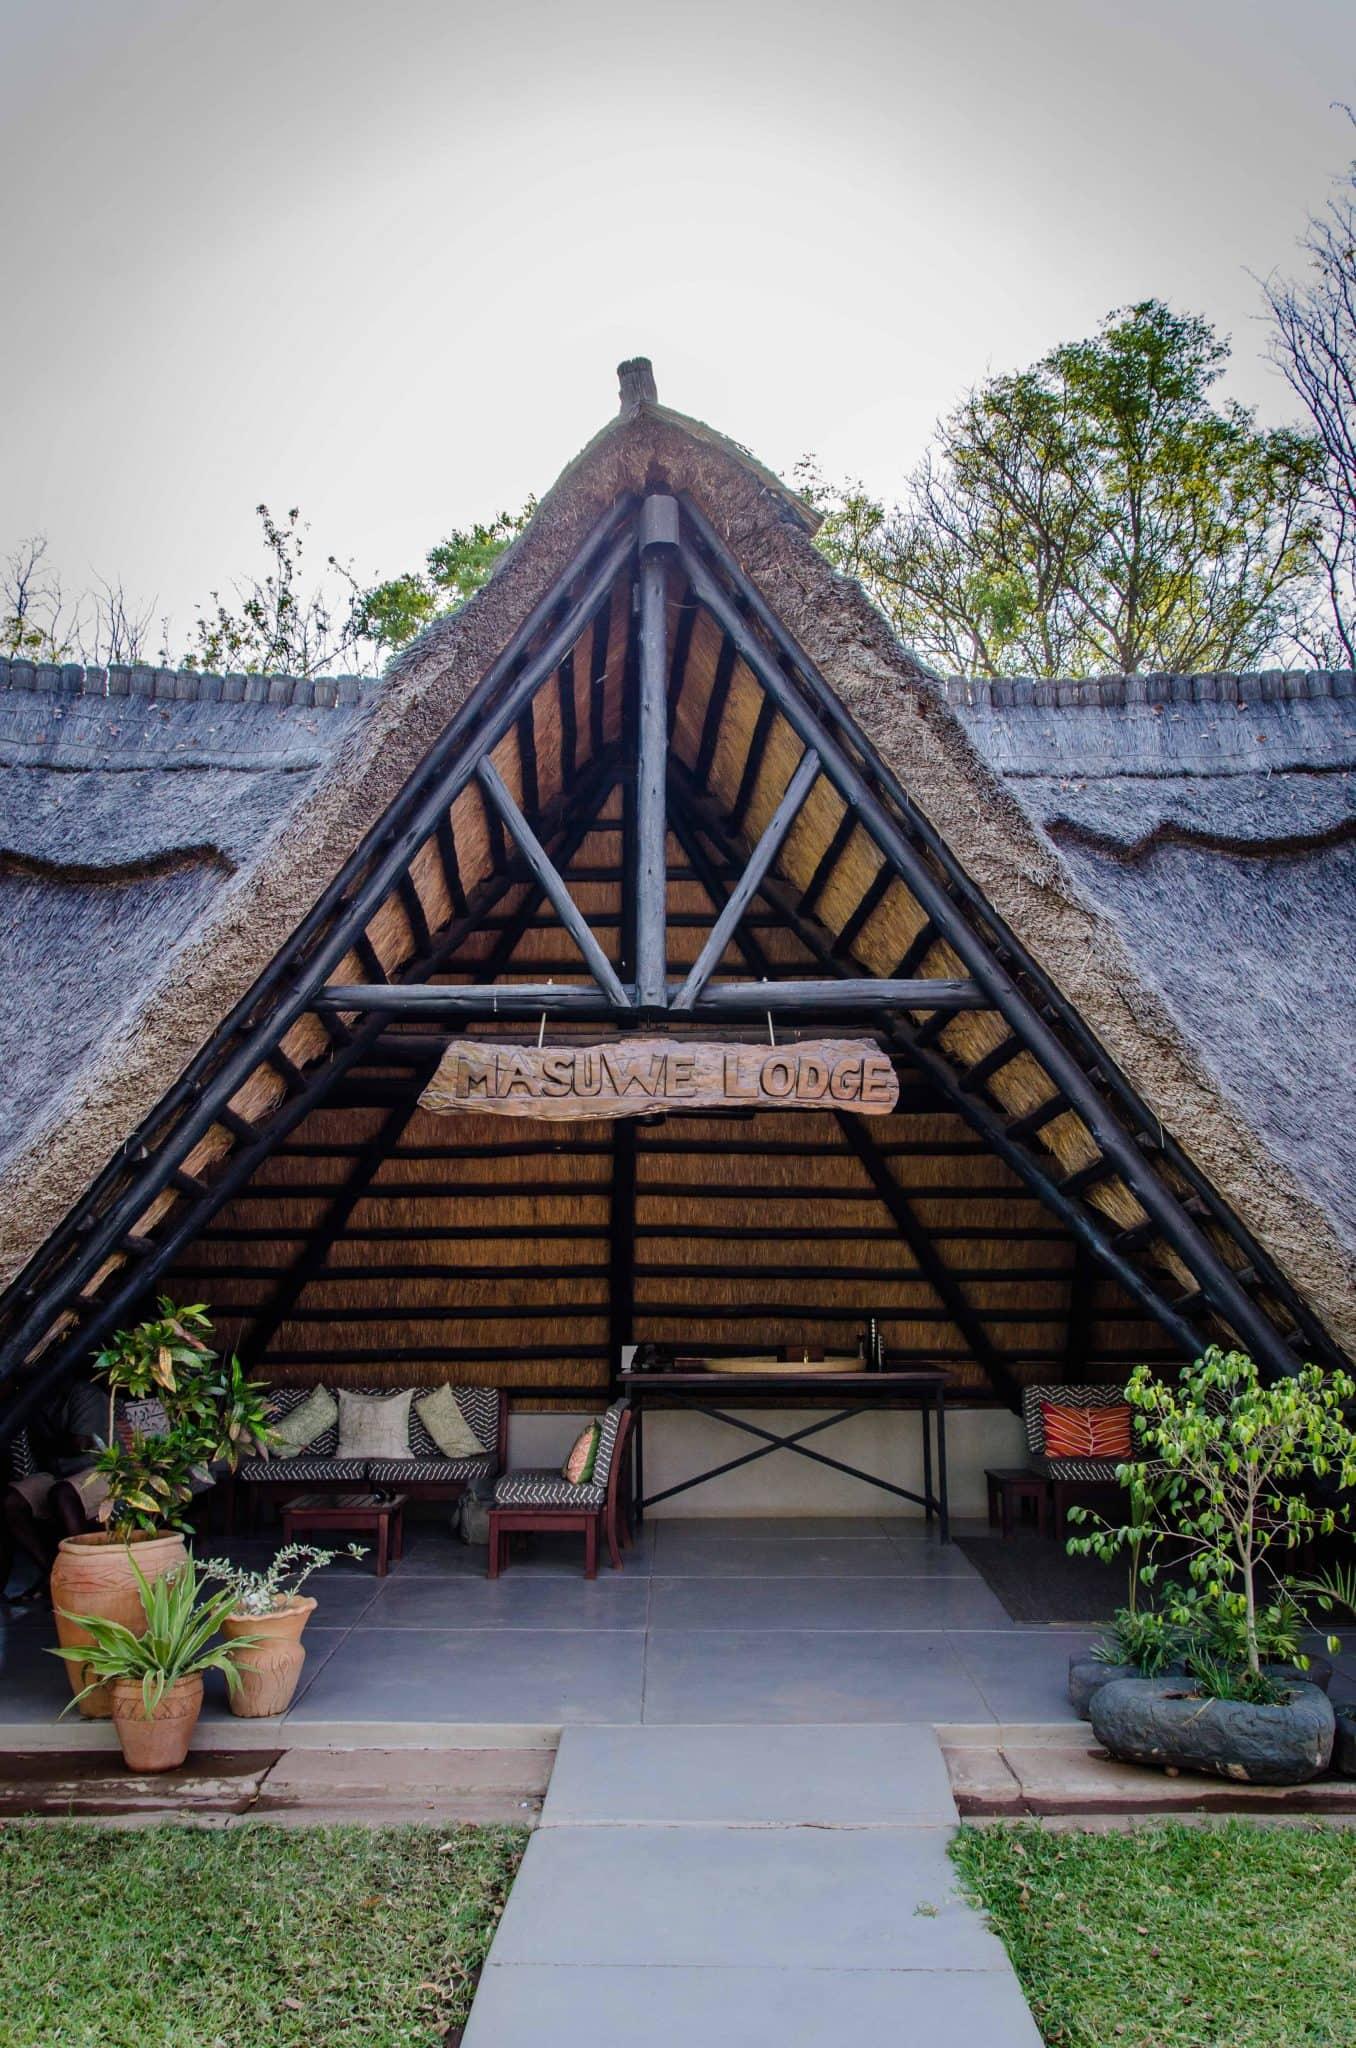 Accommodation Review Masuwe Lodge Victoria Falls Zimbabwe